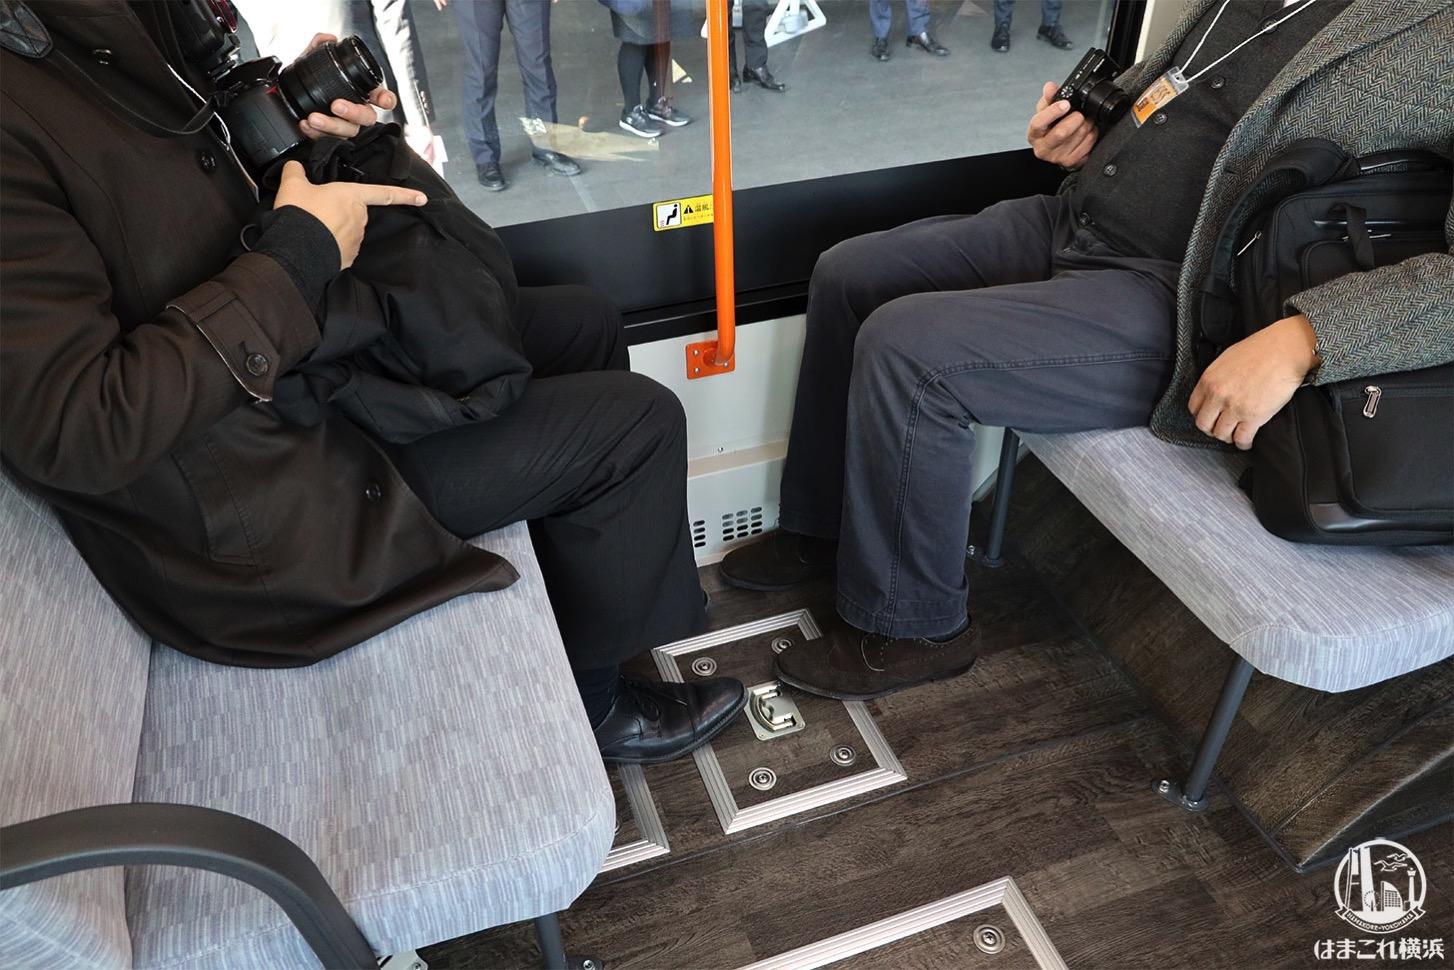 連節バス「ベイサイドブルー」車内 ボックス席 向かい合った状態